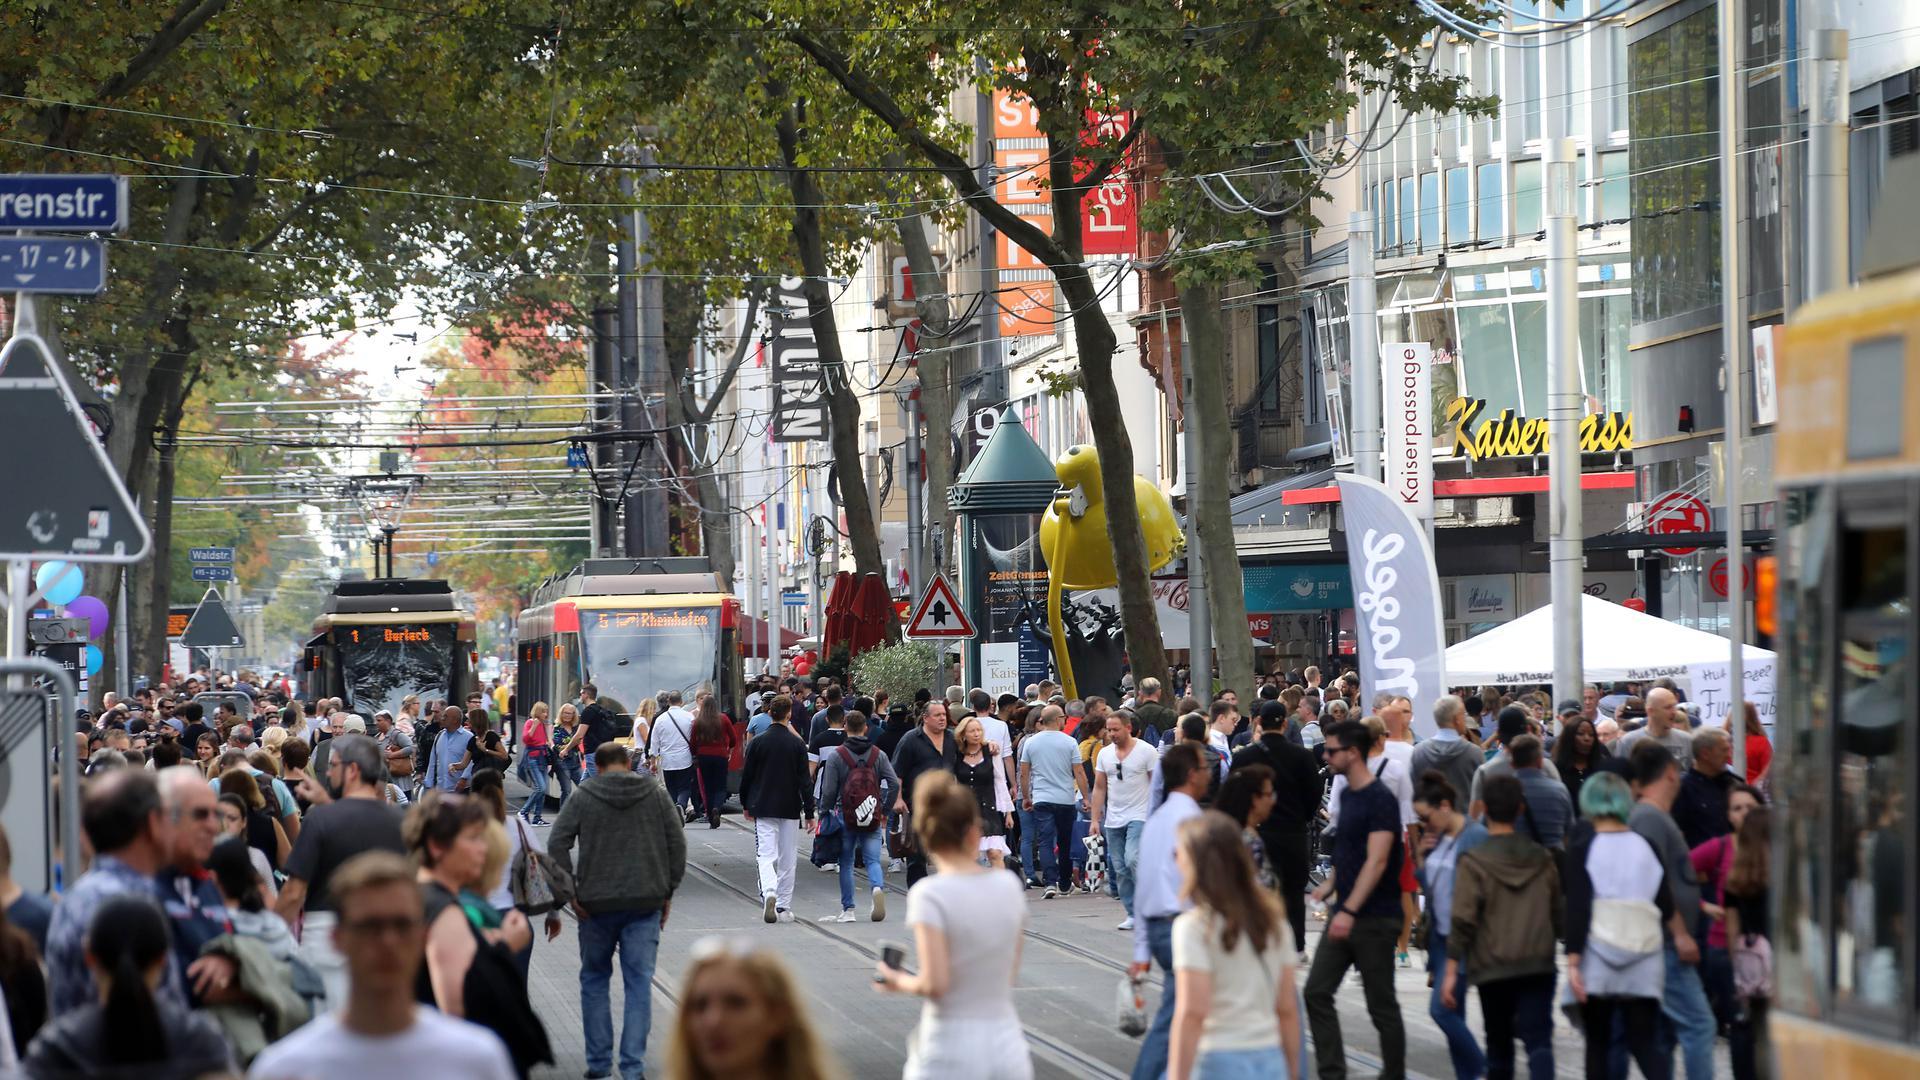 Beim Stadtfest wurde der kostenfreie ÖPNV getestet